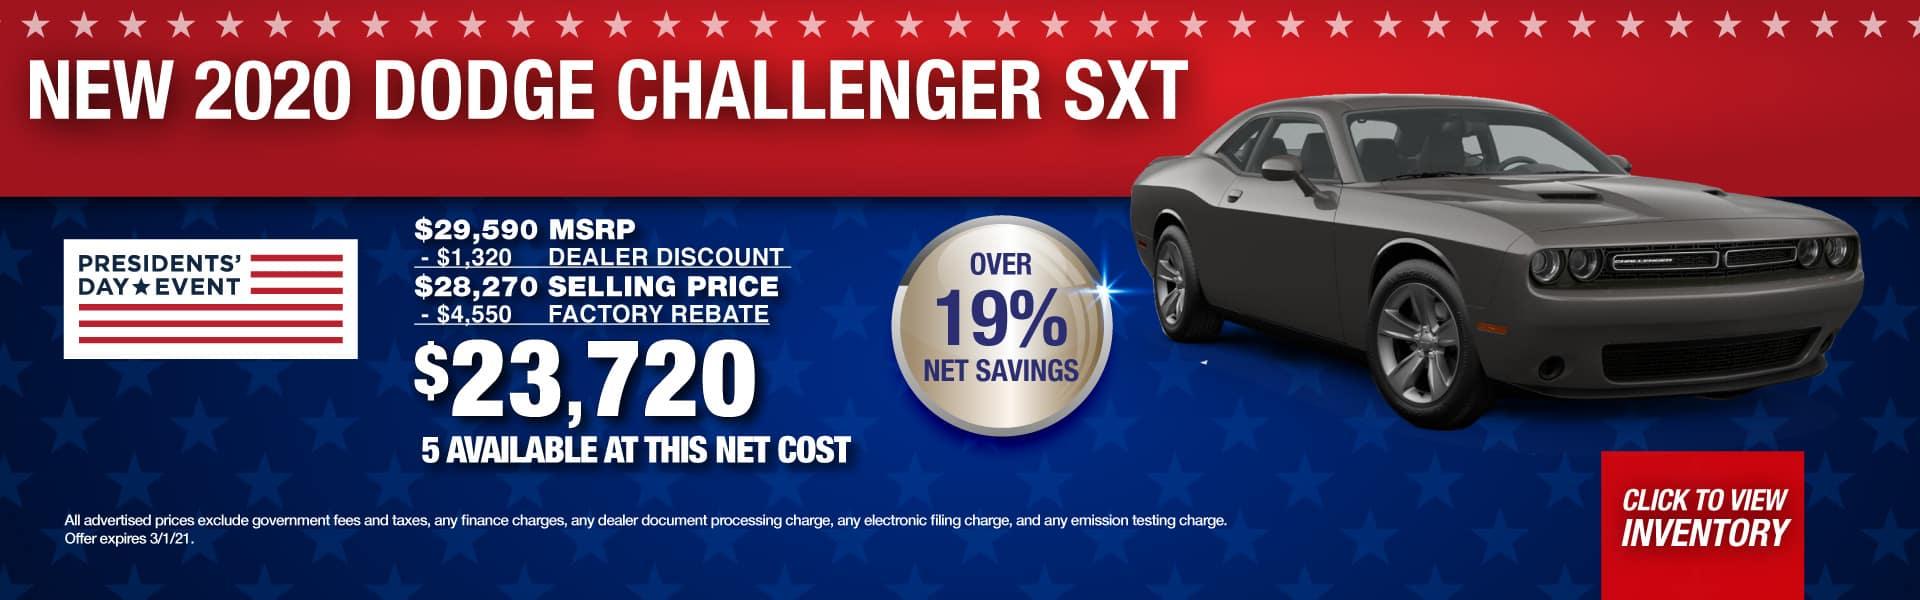 SD CDJR 1920px_Offers_Mar1_Challenger SXT